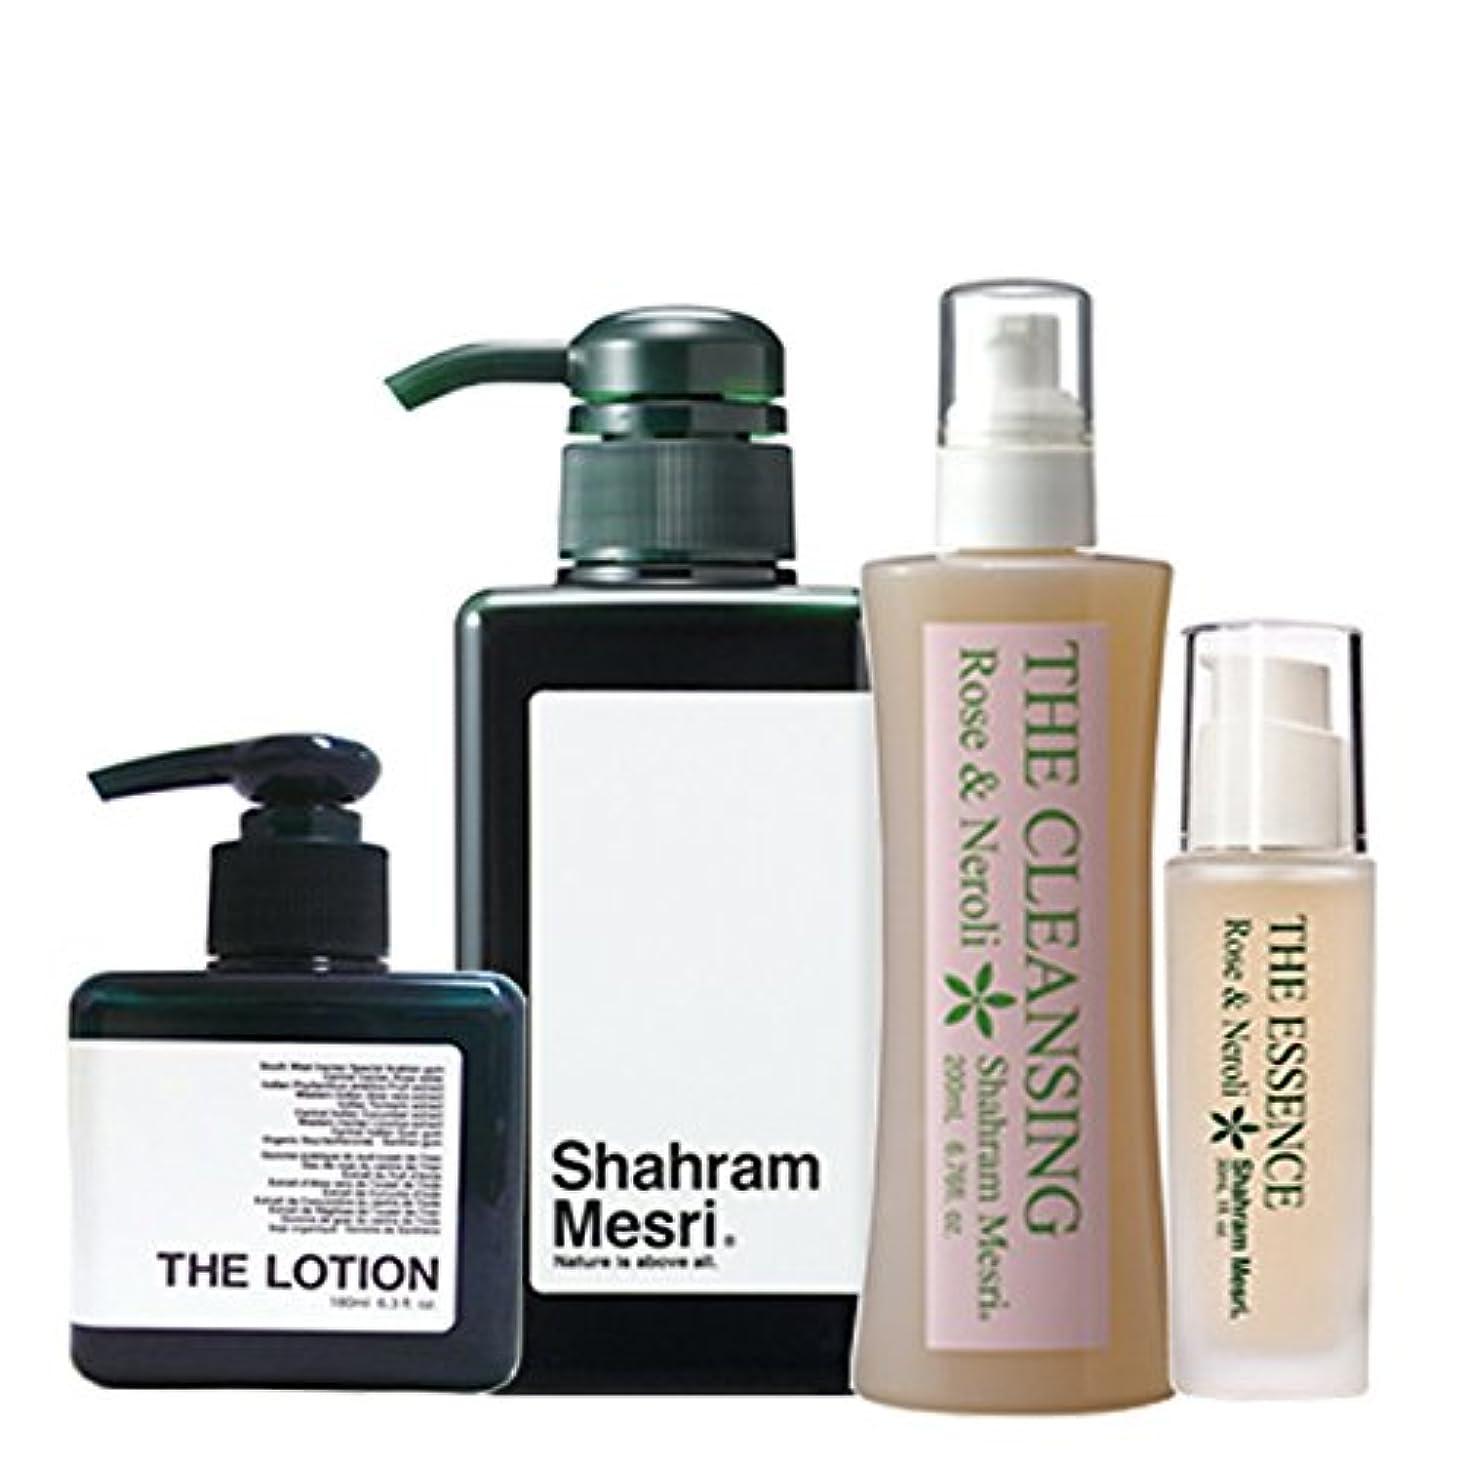 サークル強打士気Shahram Mesri パーフェクトセット シャハランメスリ ザ?シャンプー ザ?ローション ザ?クレンジング ザ?エッセンス のセットです。 お化粧落としからシャンプーそしてローションエッセンスの仕上げまで お試しください。